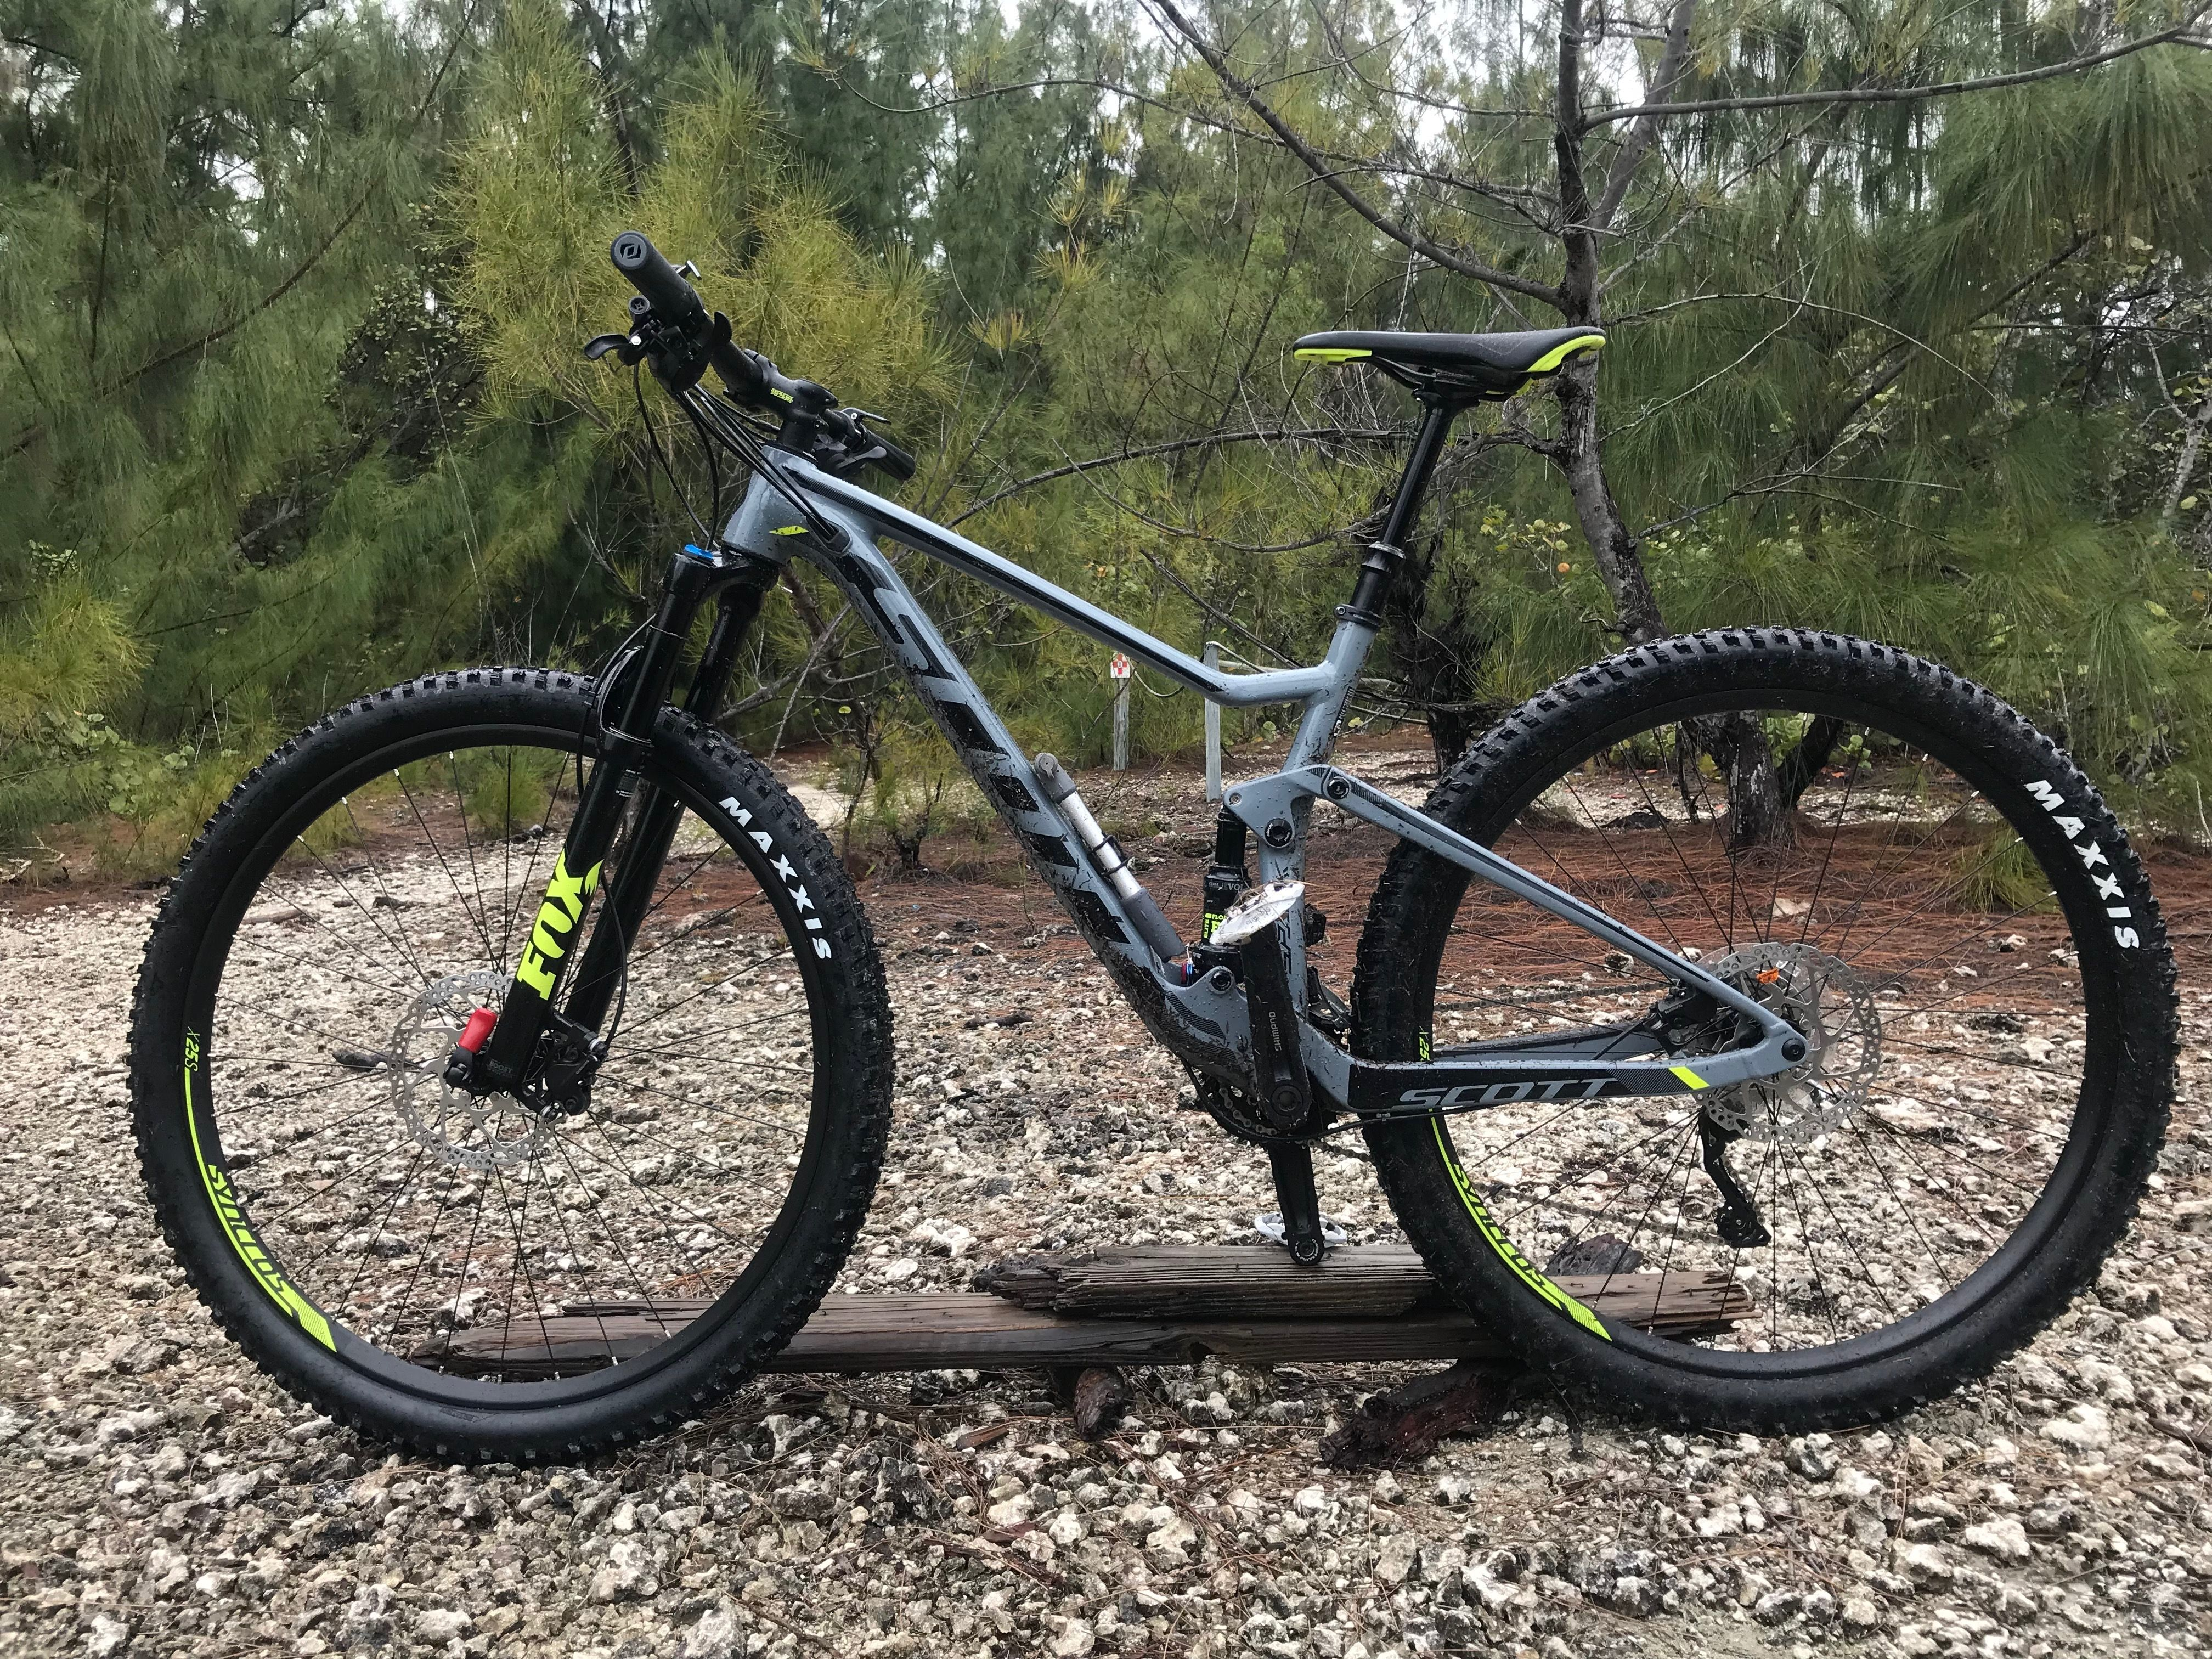 7e3309c8381 SCOTT SPARK 950 2018   la bici   Bicycle, Scott spark, Vehicles